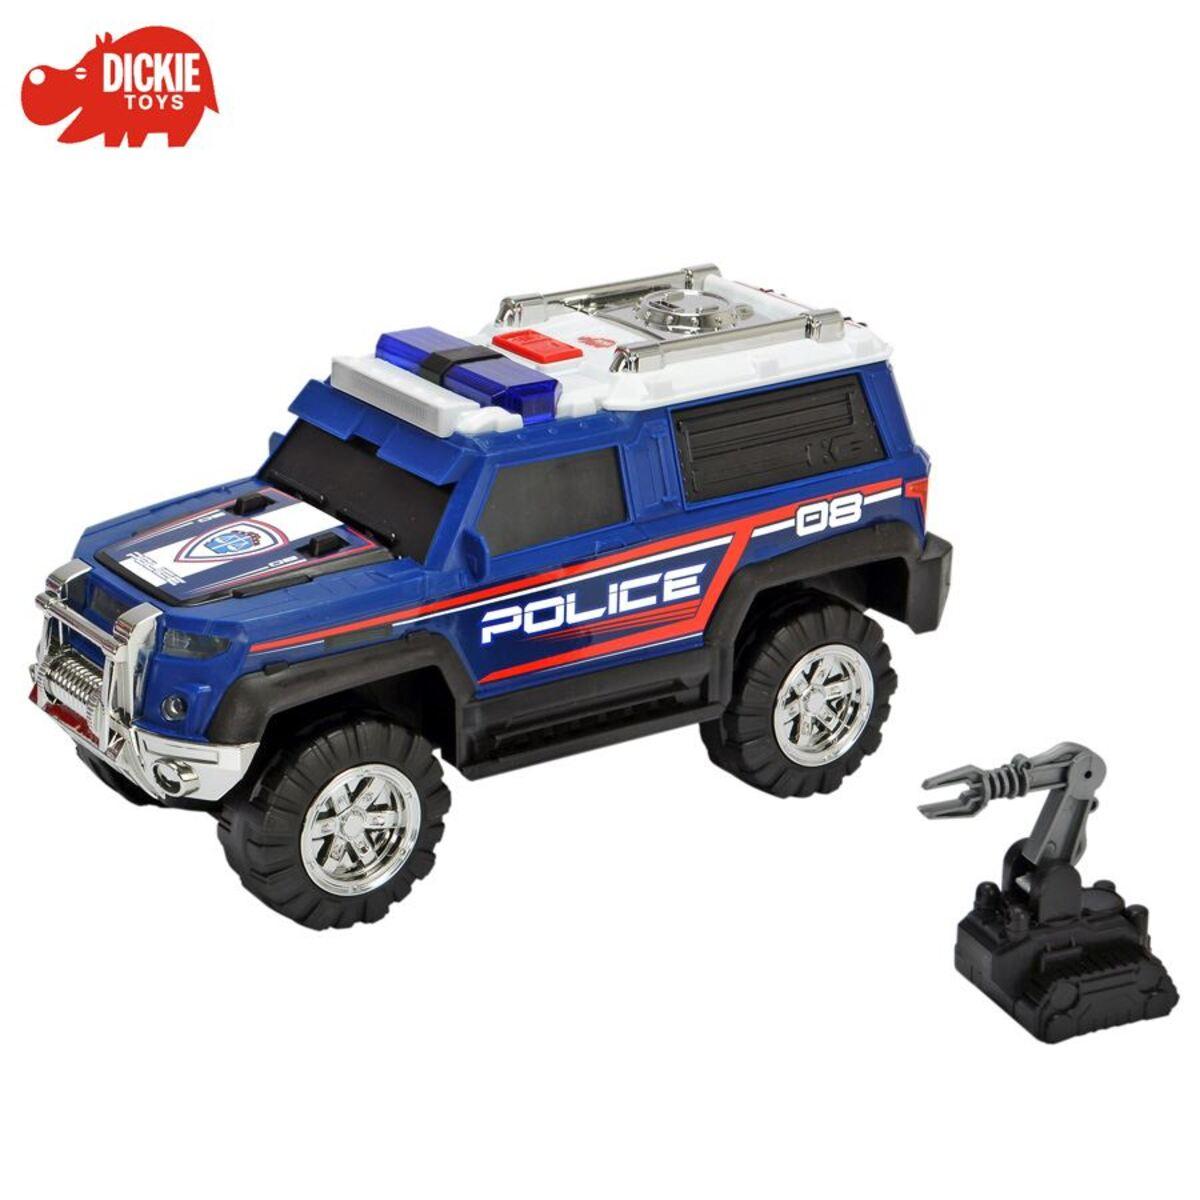 Bild 1 von Dickie Toys Polizeifahrzeug SUV